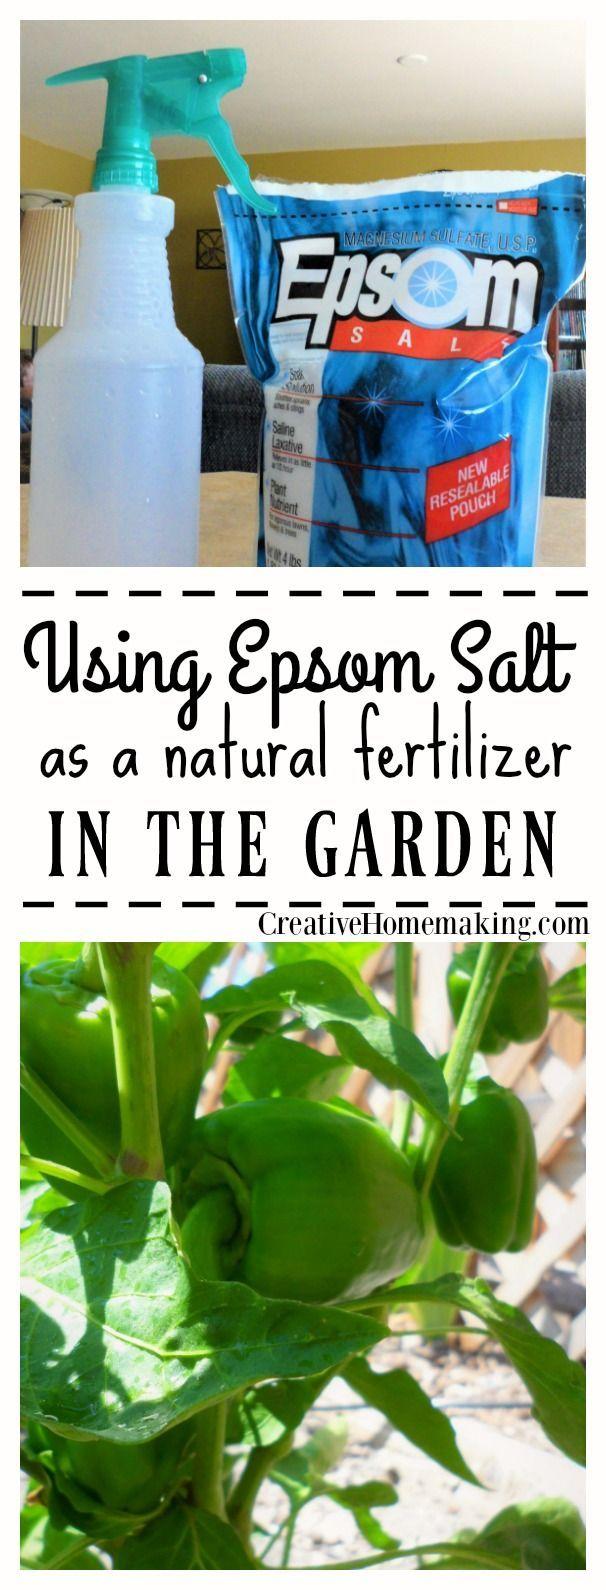 Using Epsom Salt As A Natural Fertilizer In The Garden 400 x 300